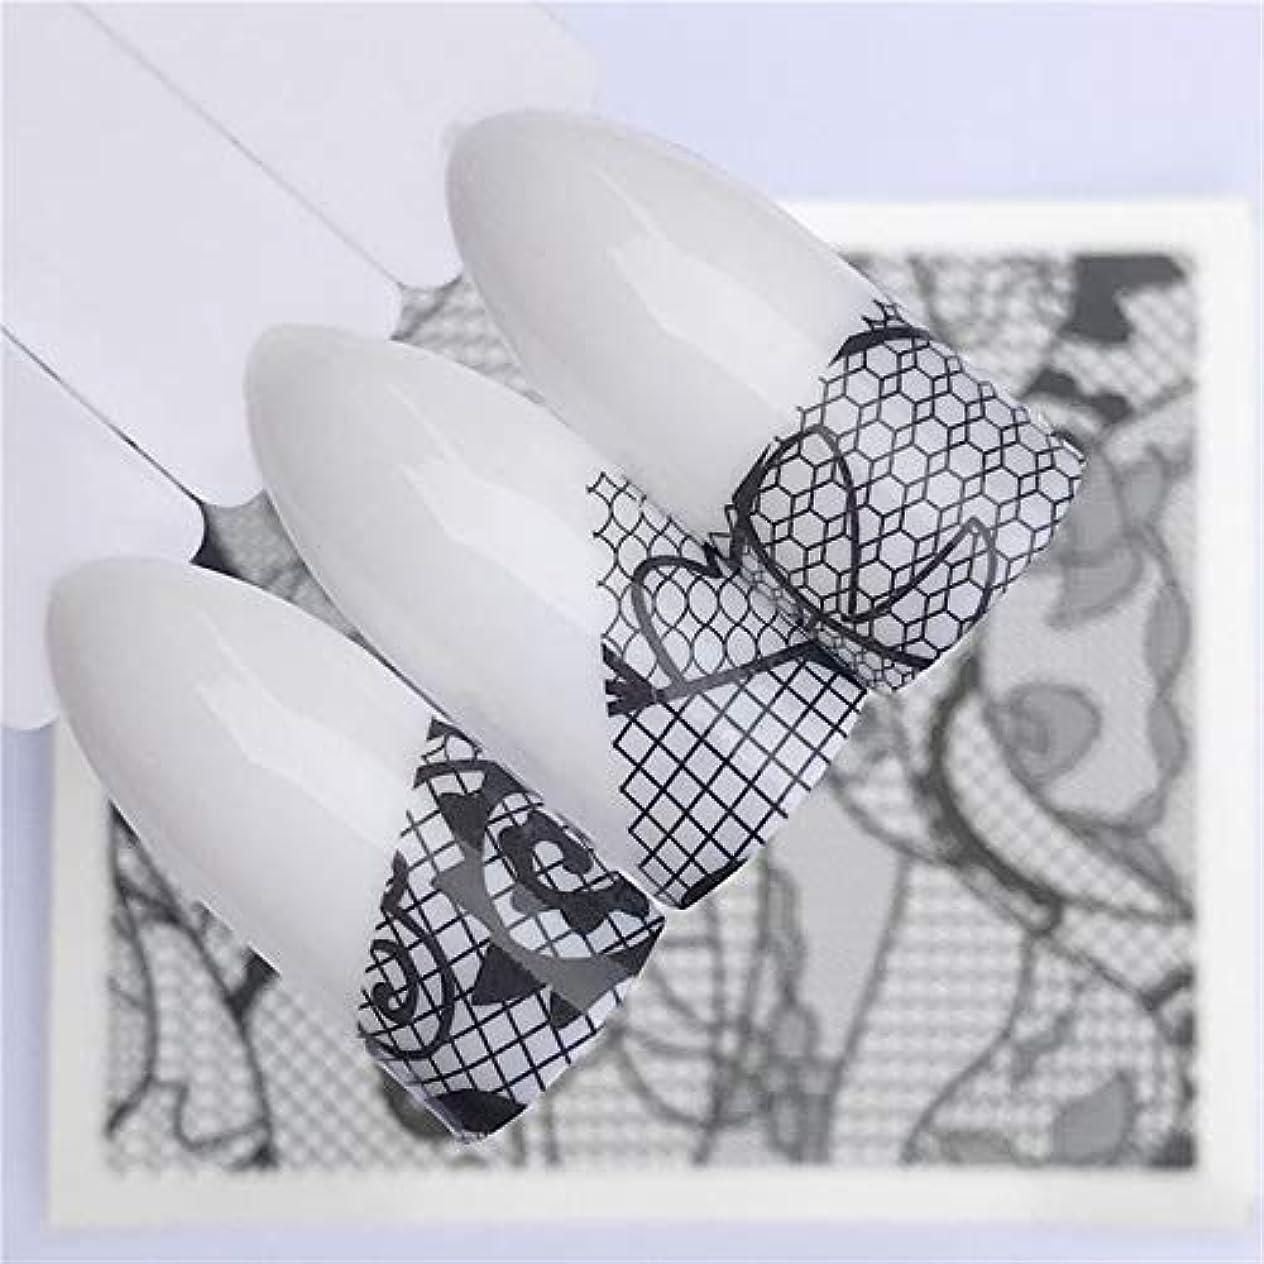 無能濃度シエスタレースフラワーデザイン ネイルステッカーデカール水転写ホワイトブラックヒント女性化粧入れ墨、Yzw-A645